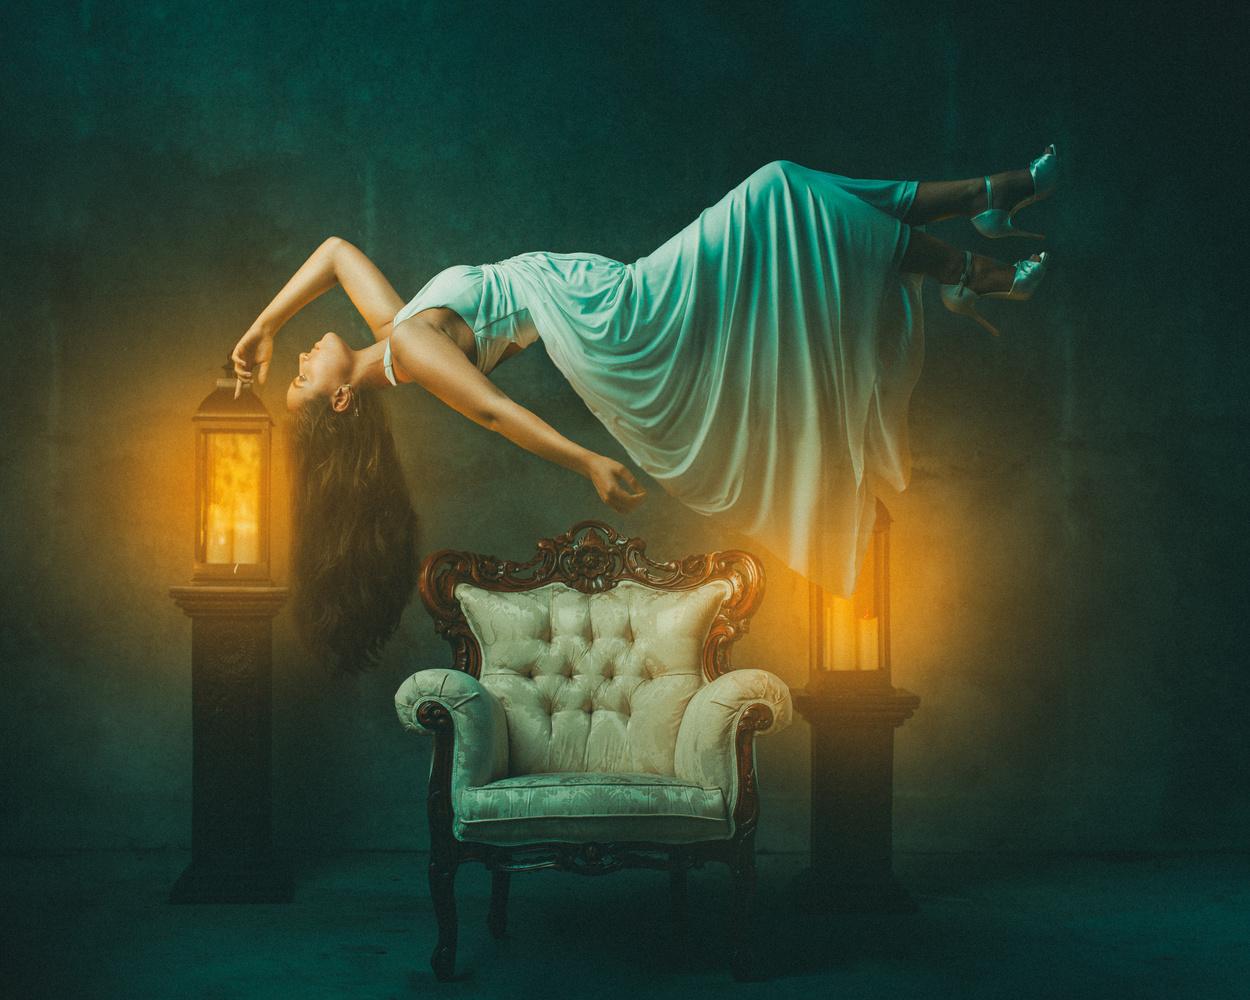 Levitation by SEAN MALLEY